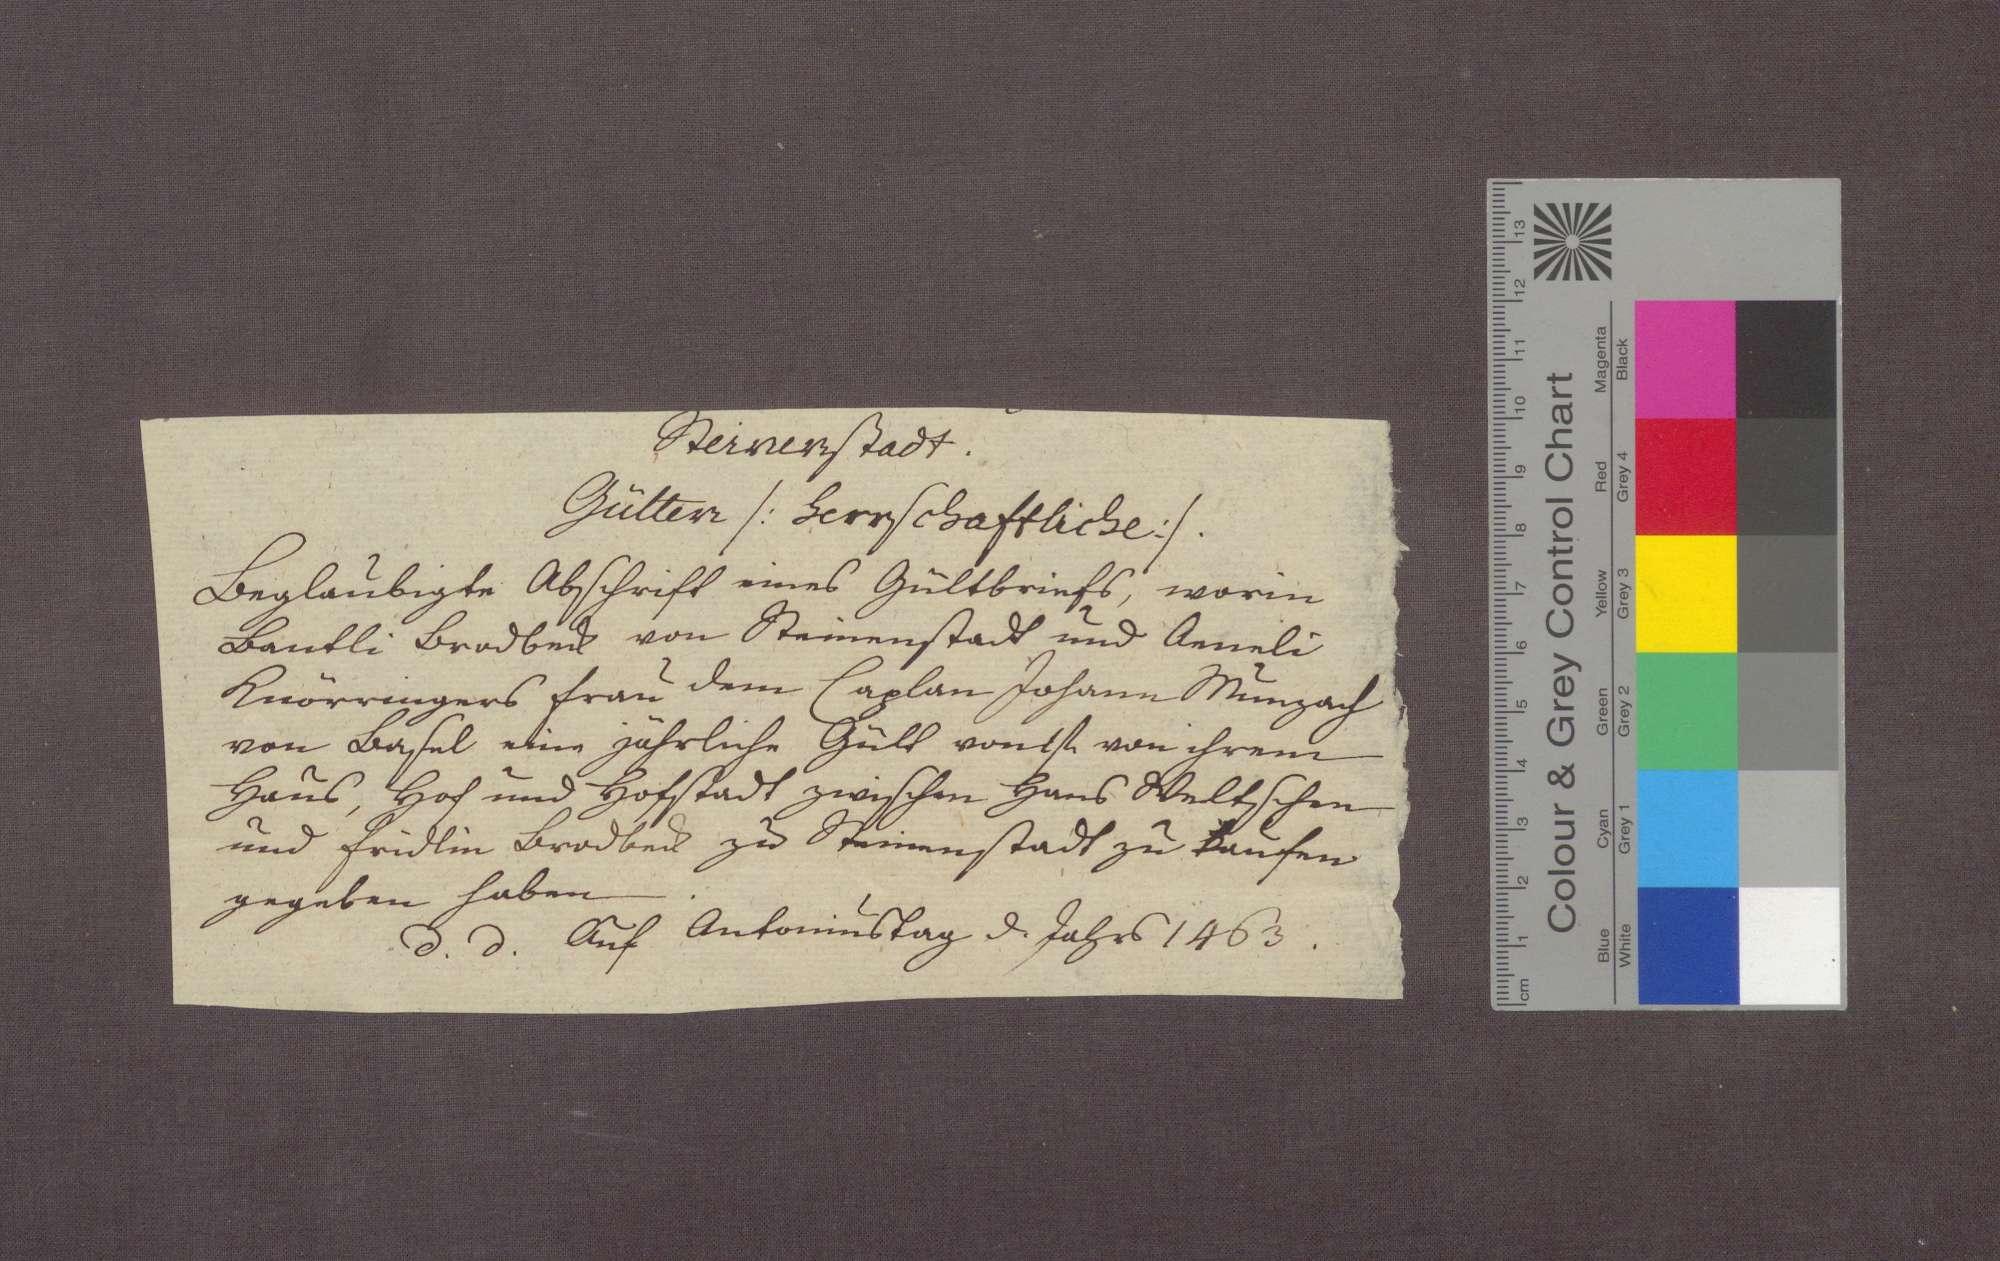 Gültverschreibung des Bantli Brodbeck zu Steinenstadt gegenüber dem Basler Kaplan Johannes Munzach., Bild 3